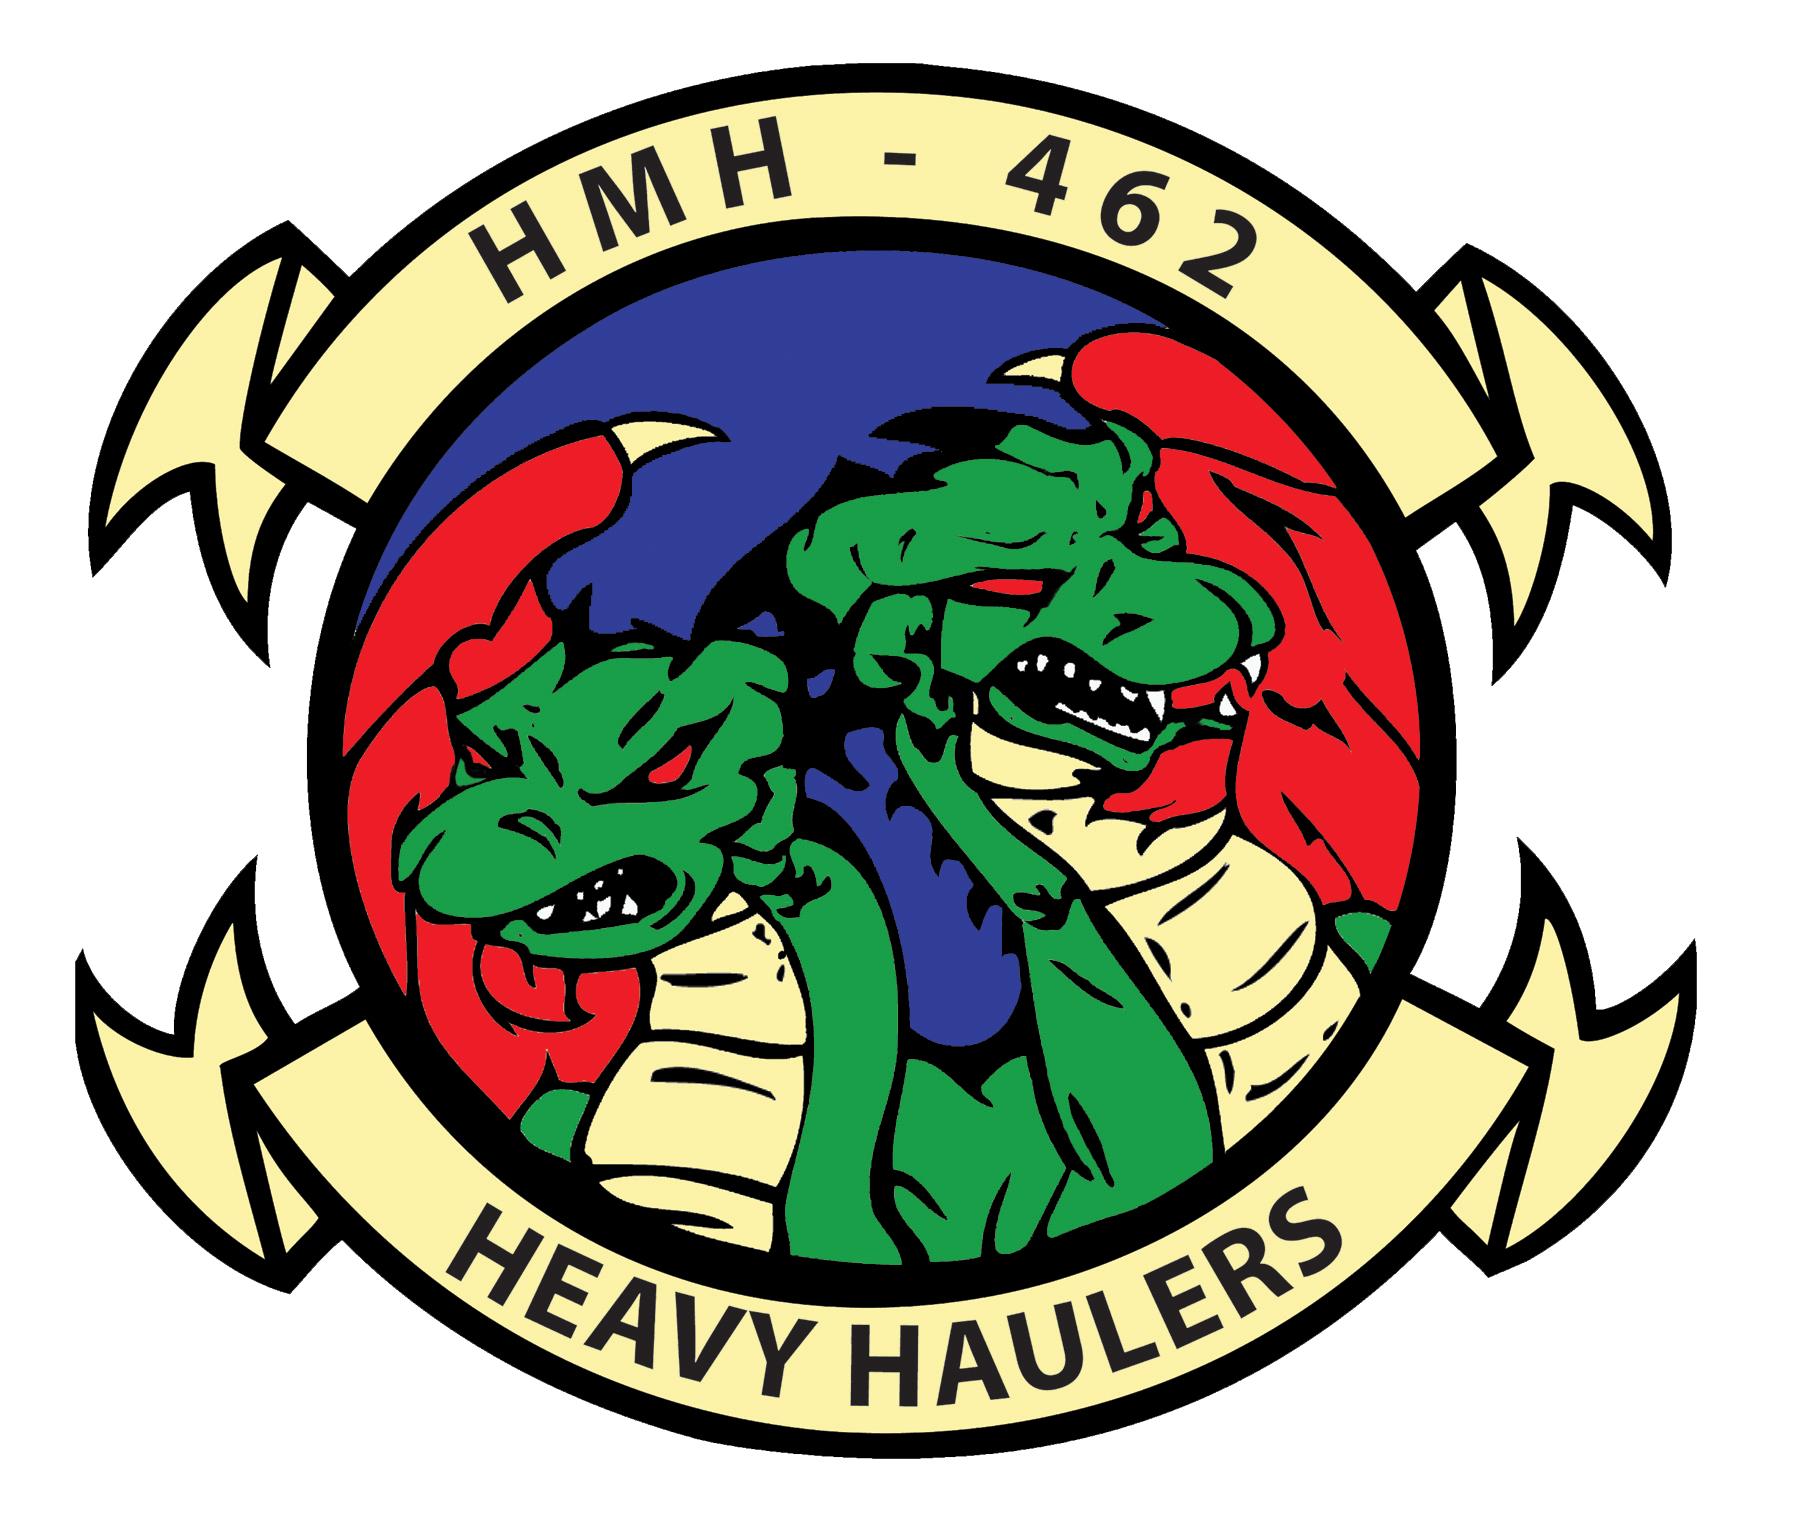 HMH-462_insignia.png